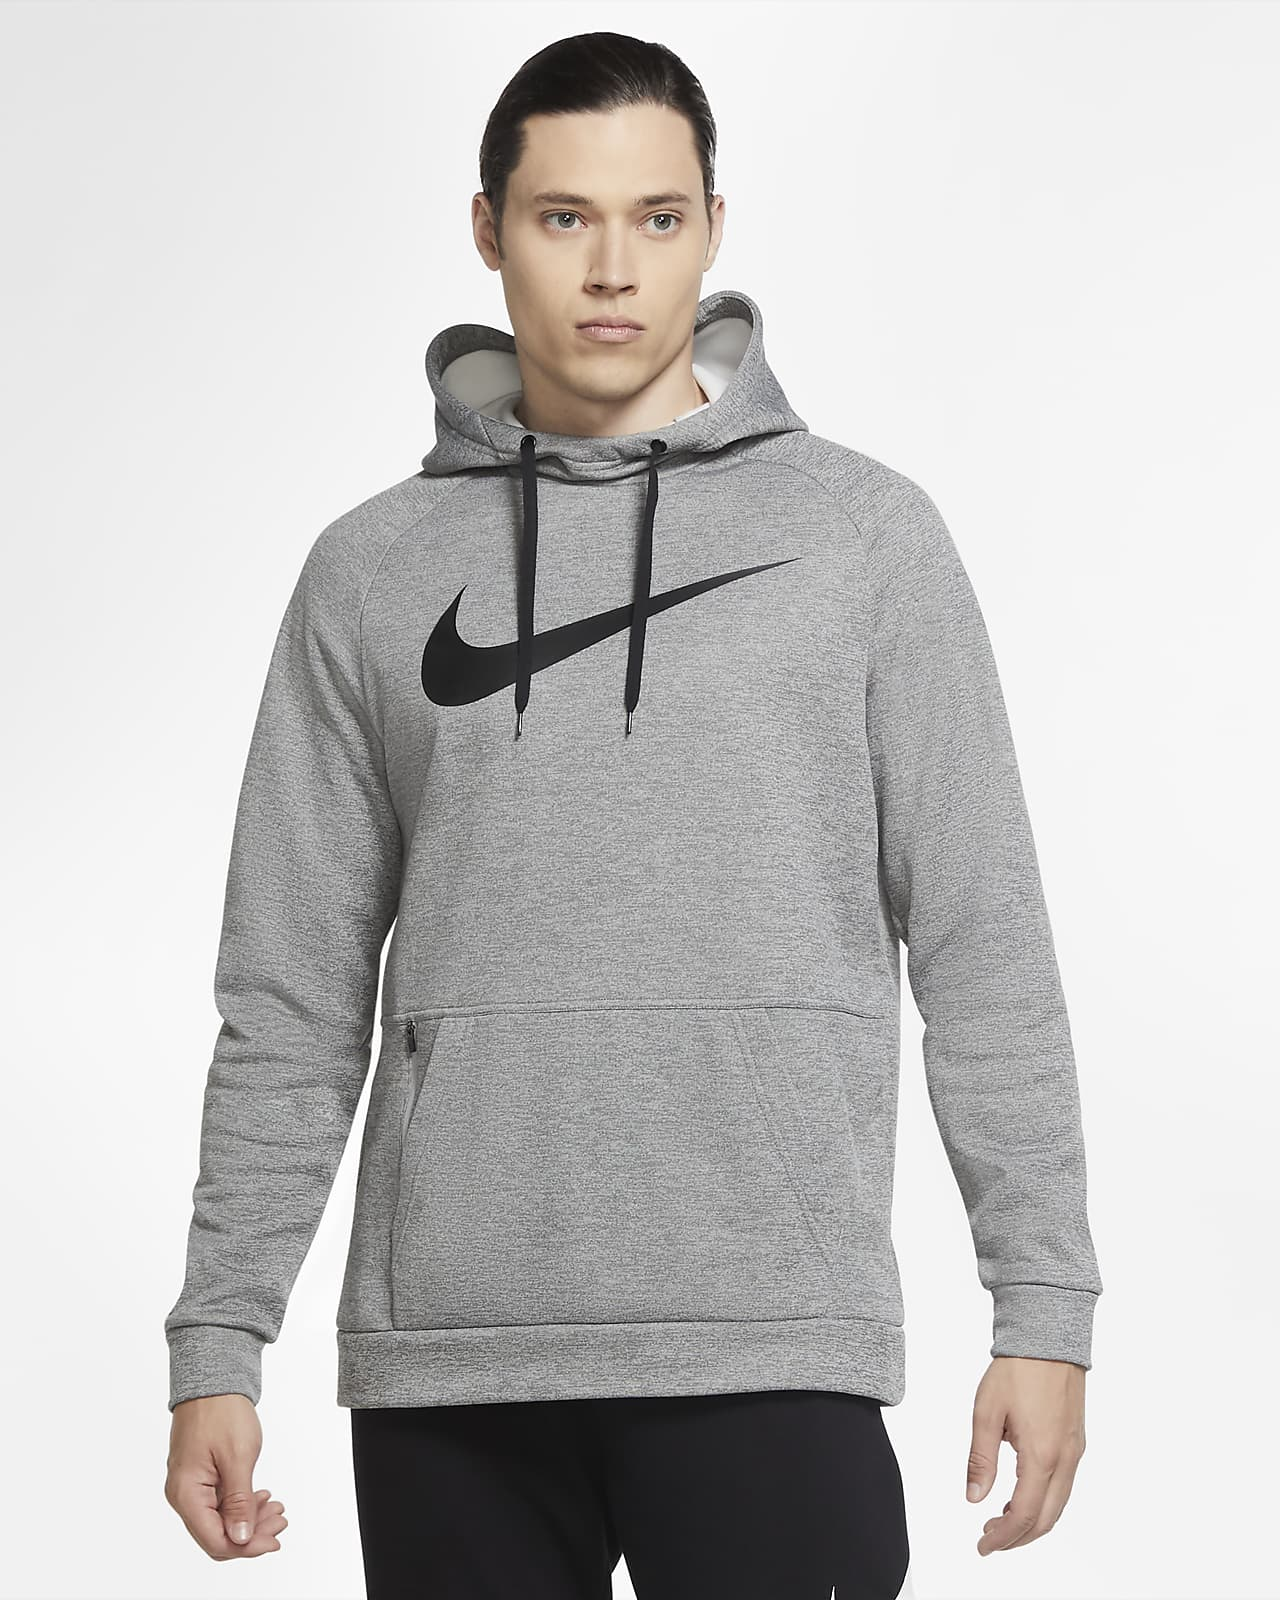 Sudadera con capucha de entrenamiento sin cierre con Swoosh para hombre Nike Therma